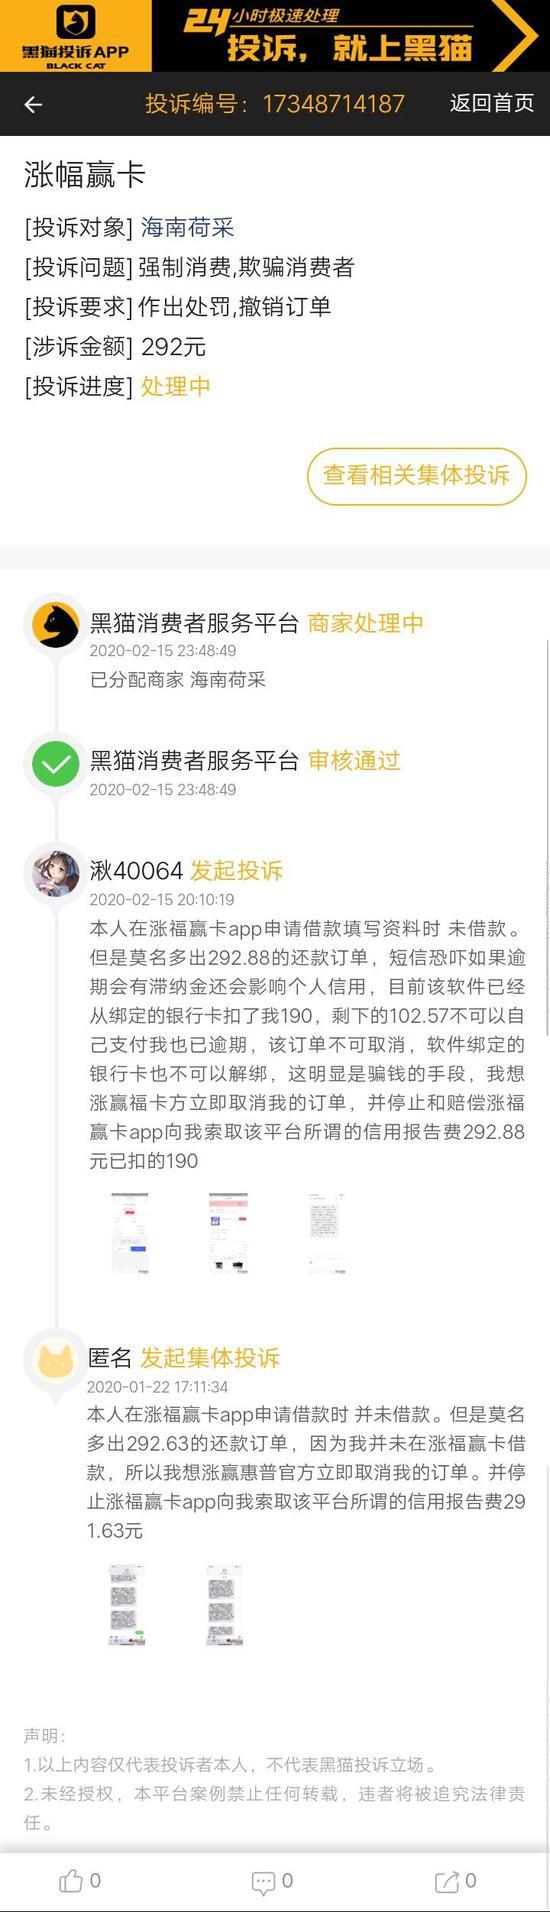 网友投诉海南荷采欺骗消费者